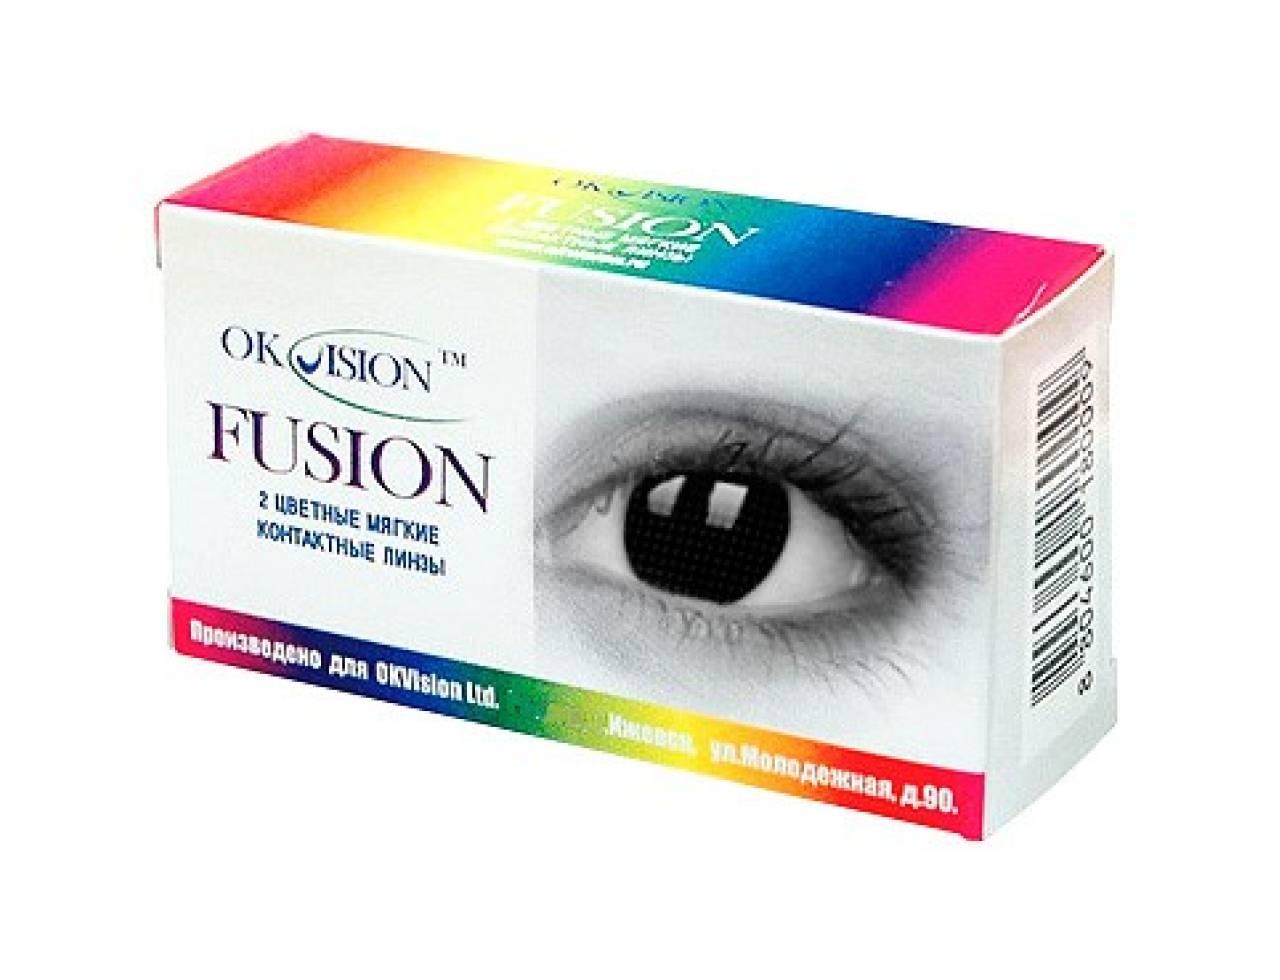 Цветные контактные линзы OkVision Fusion (crazy) - Фото №7